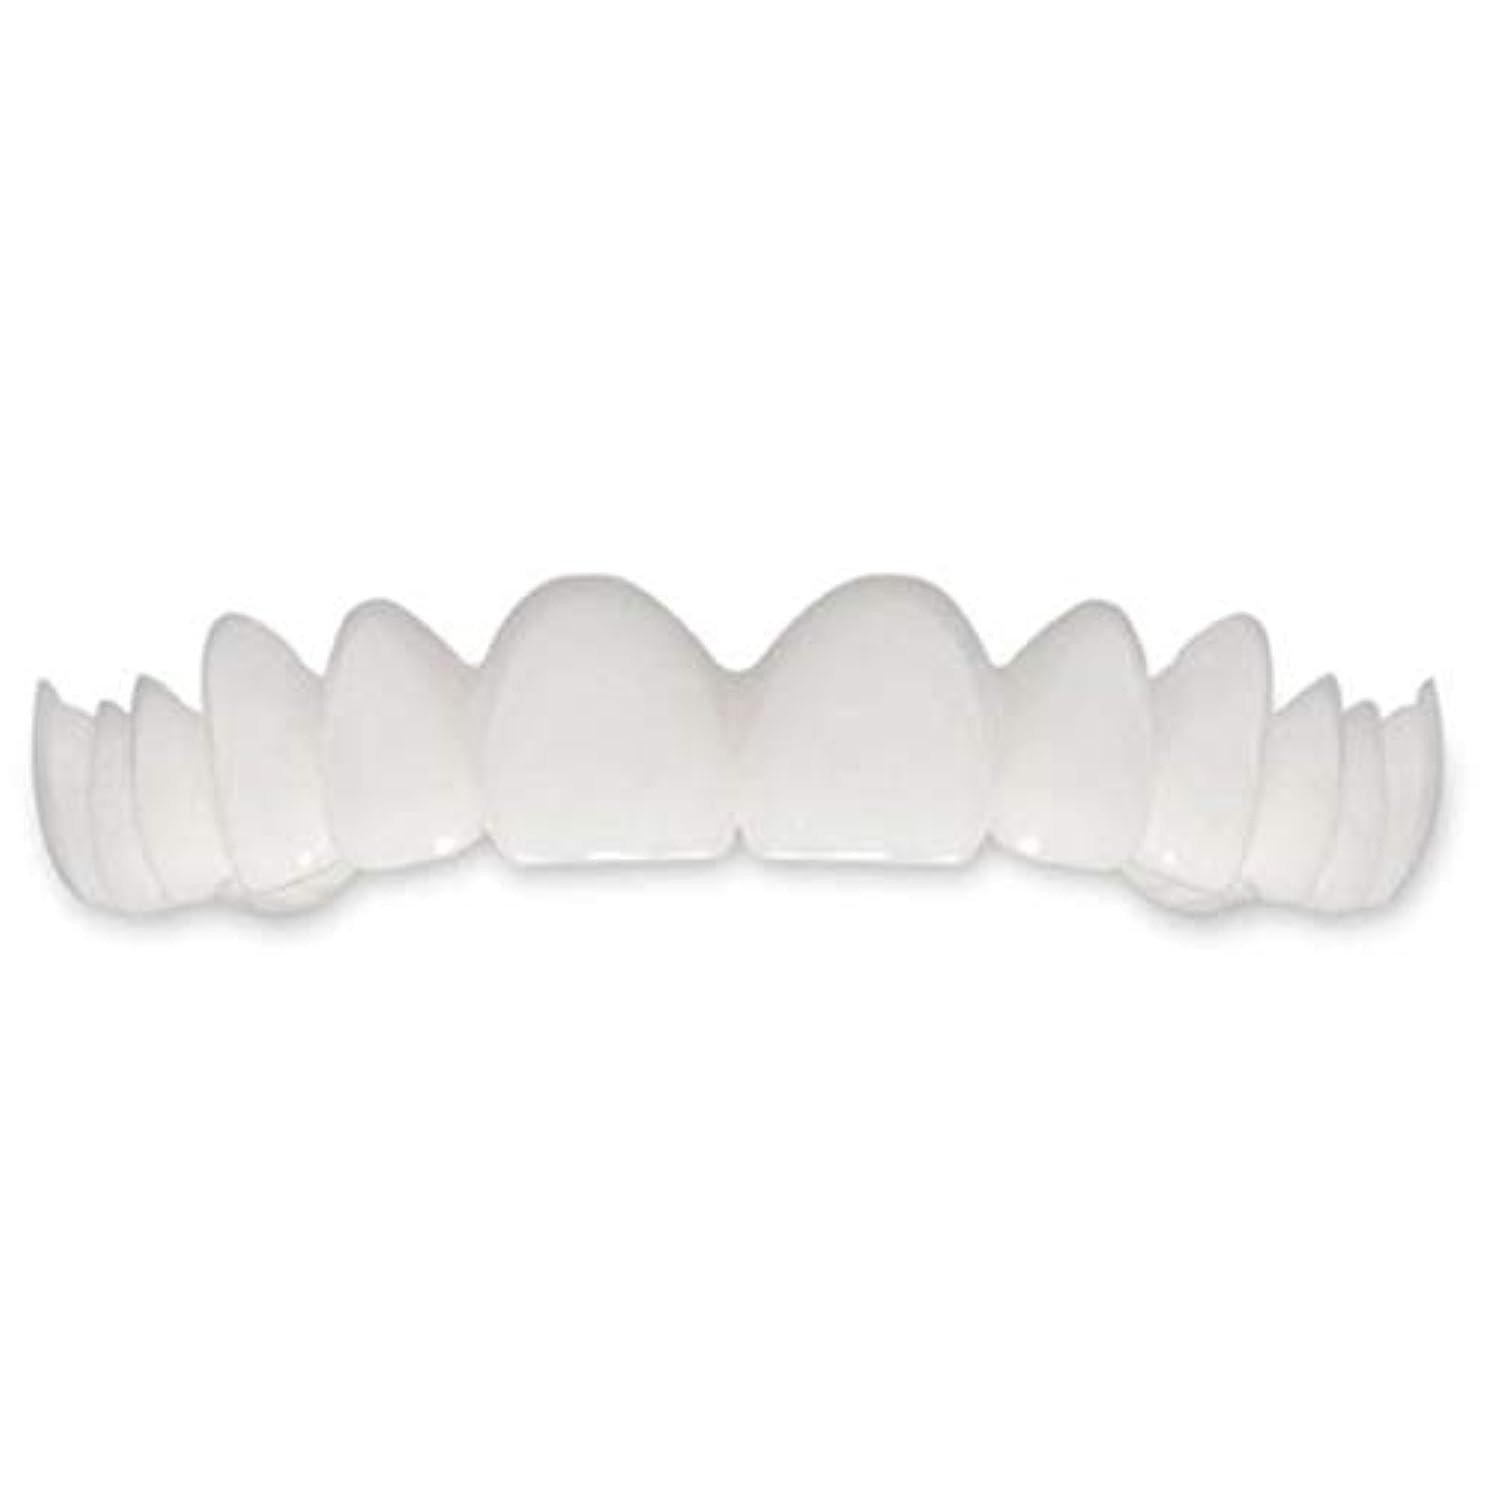 ジュラシックパーク付属品怒っているTooth Instant Perfect Smile Flex Teeth Whitening Smile False Teeth Cover-ホワイト